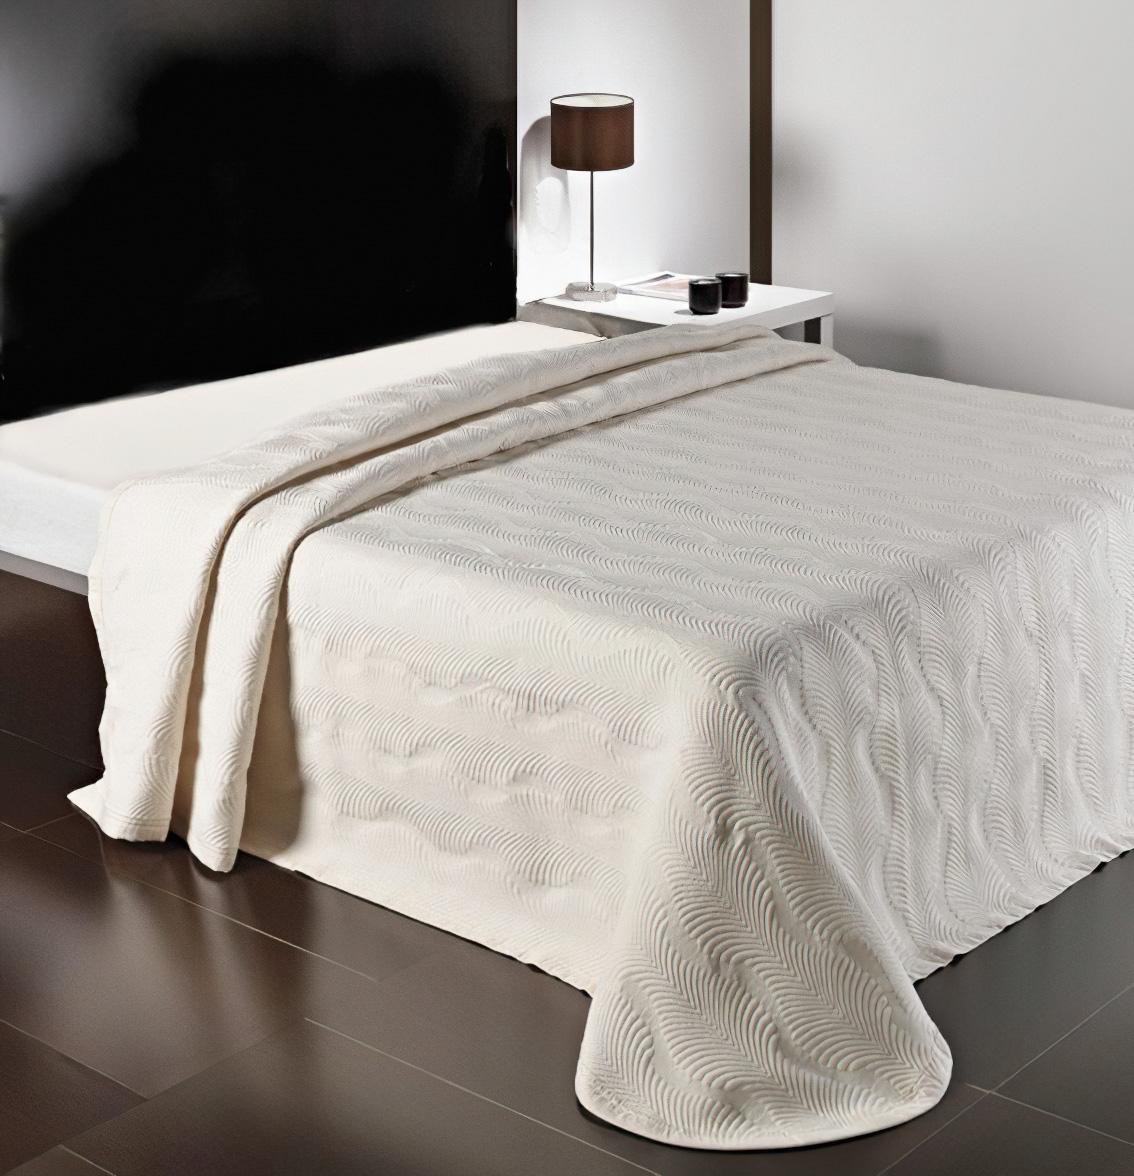 Forbyt Přehoz na postel RENASCIMENTO, 240x260cm, dvoulůžkový